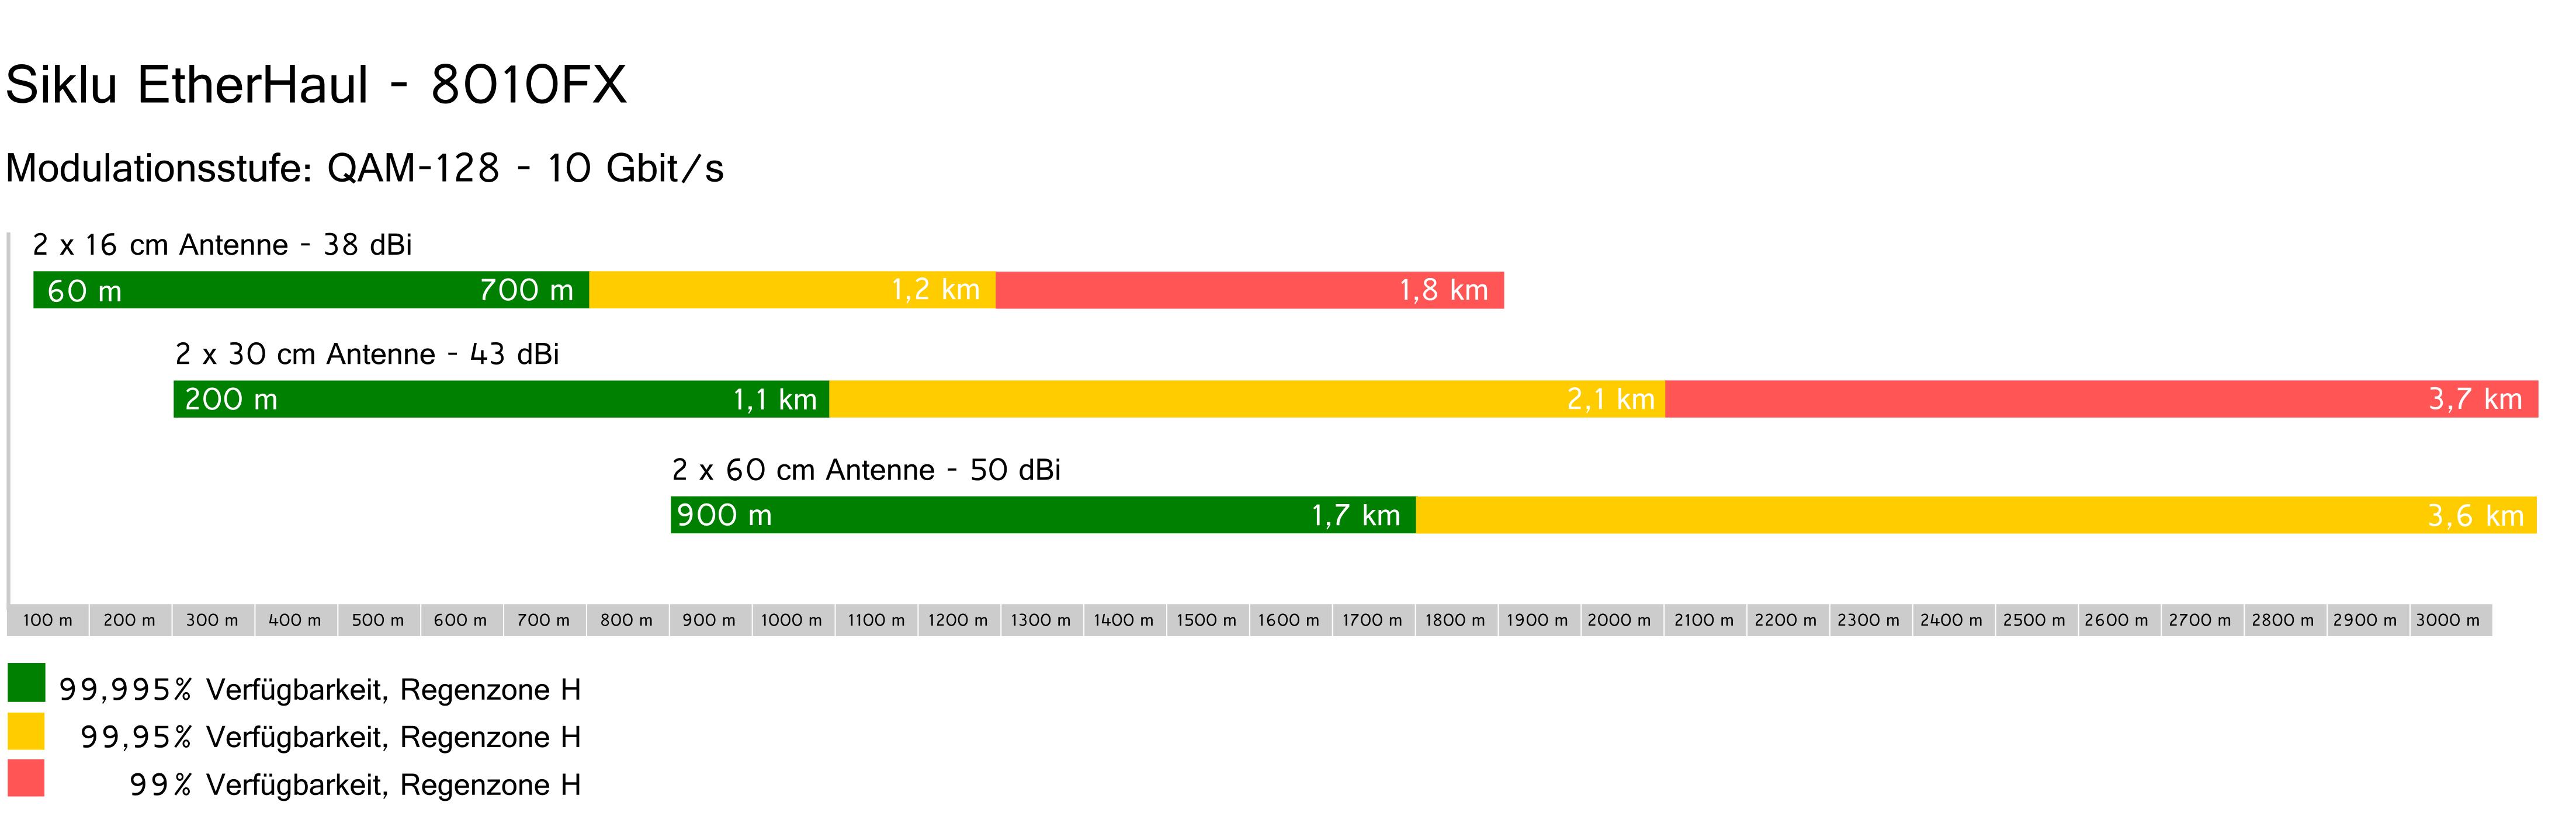 Siklu-EH-8010FX-Reichweite